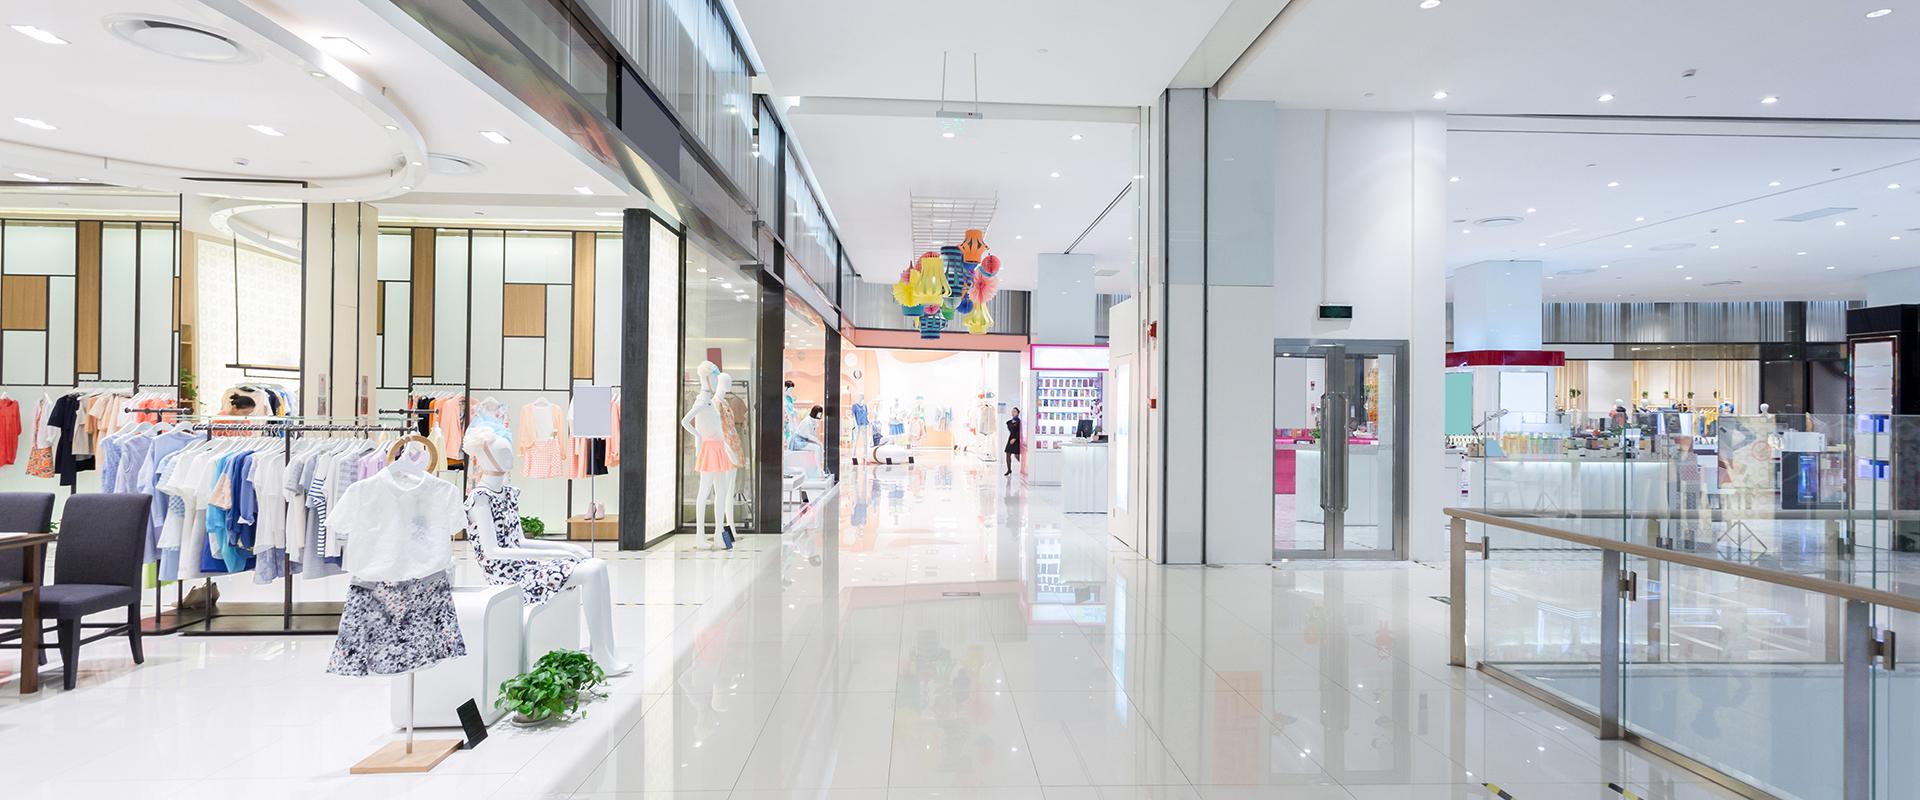 Connectivite des centres commerciaux : Cap vers la mutualisation